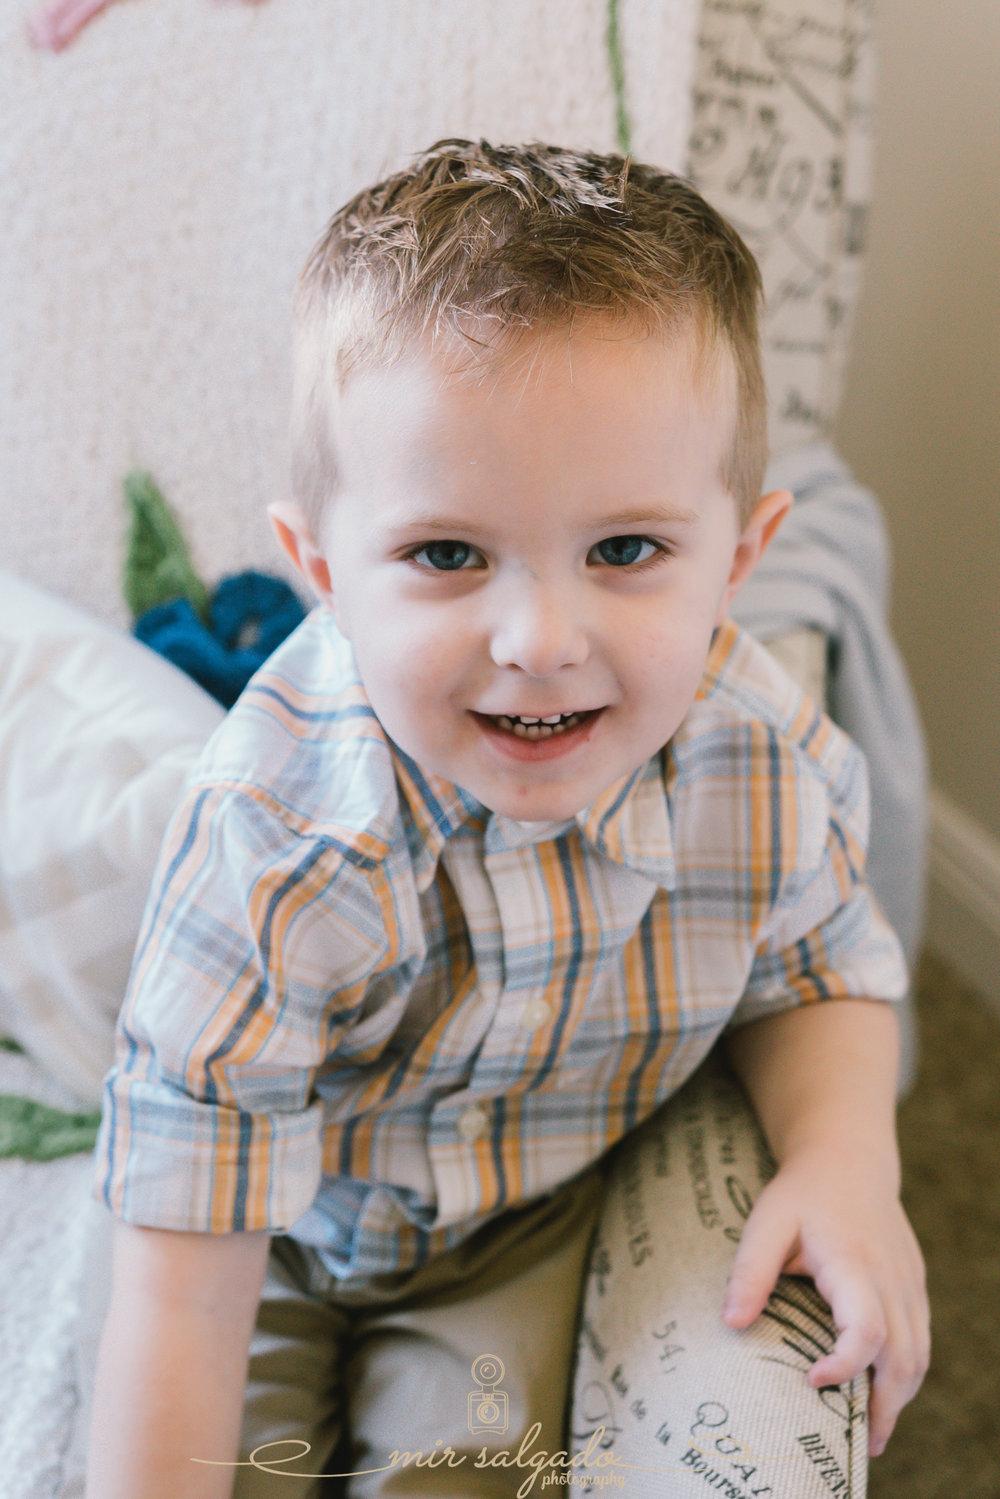 children-photography, tampa-children-photography,tampa-children-photoshoot